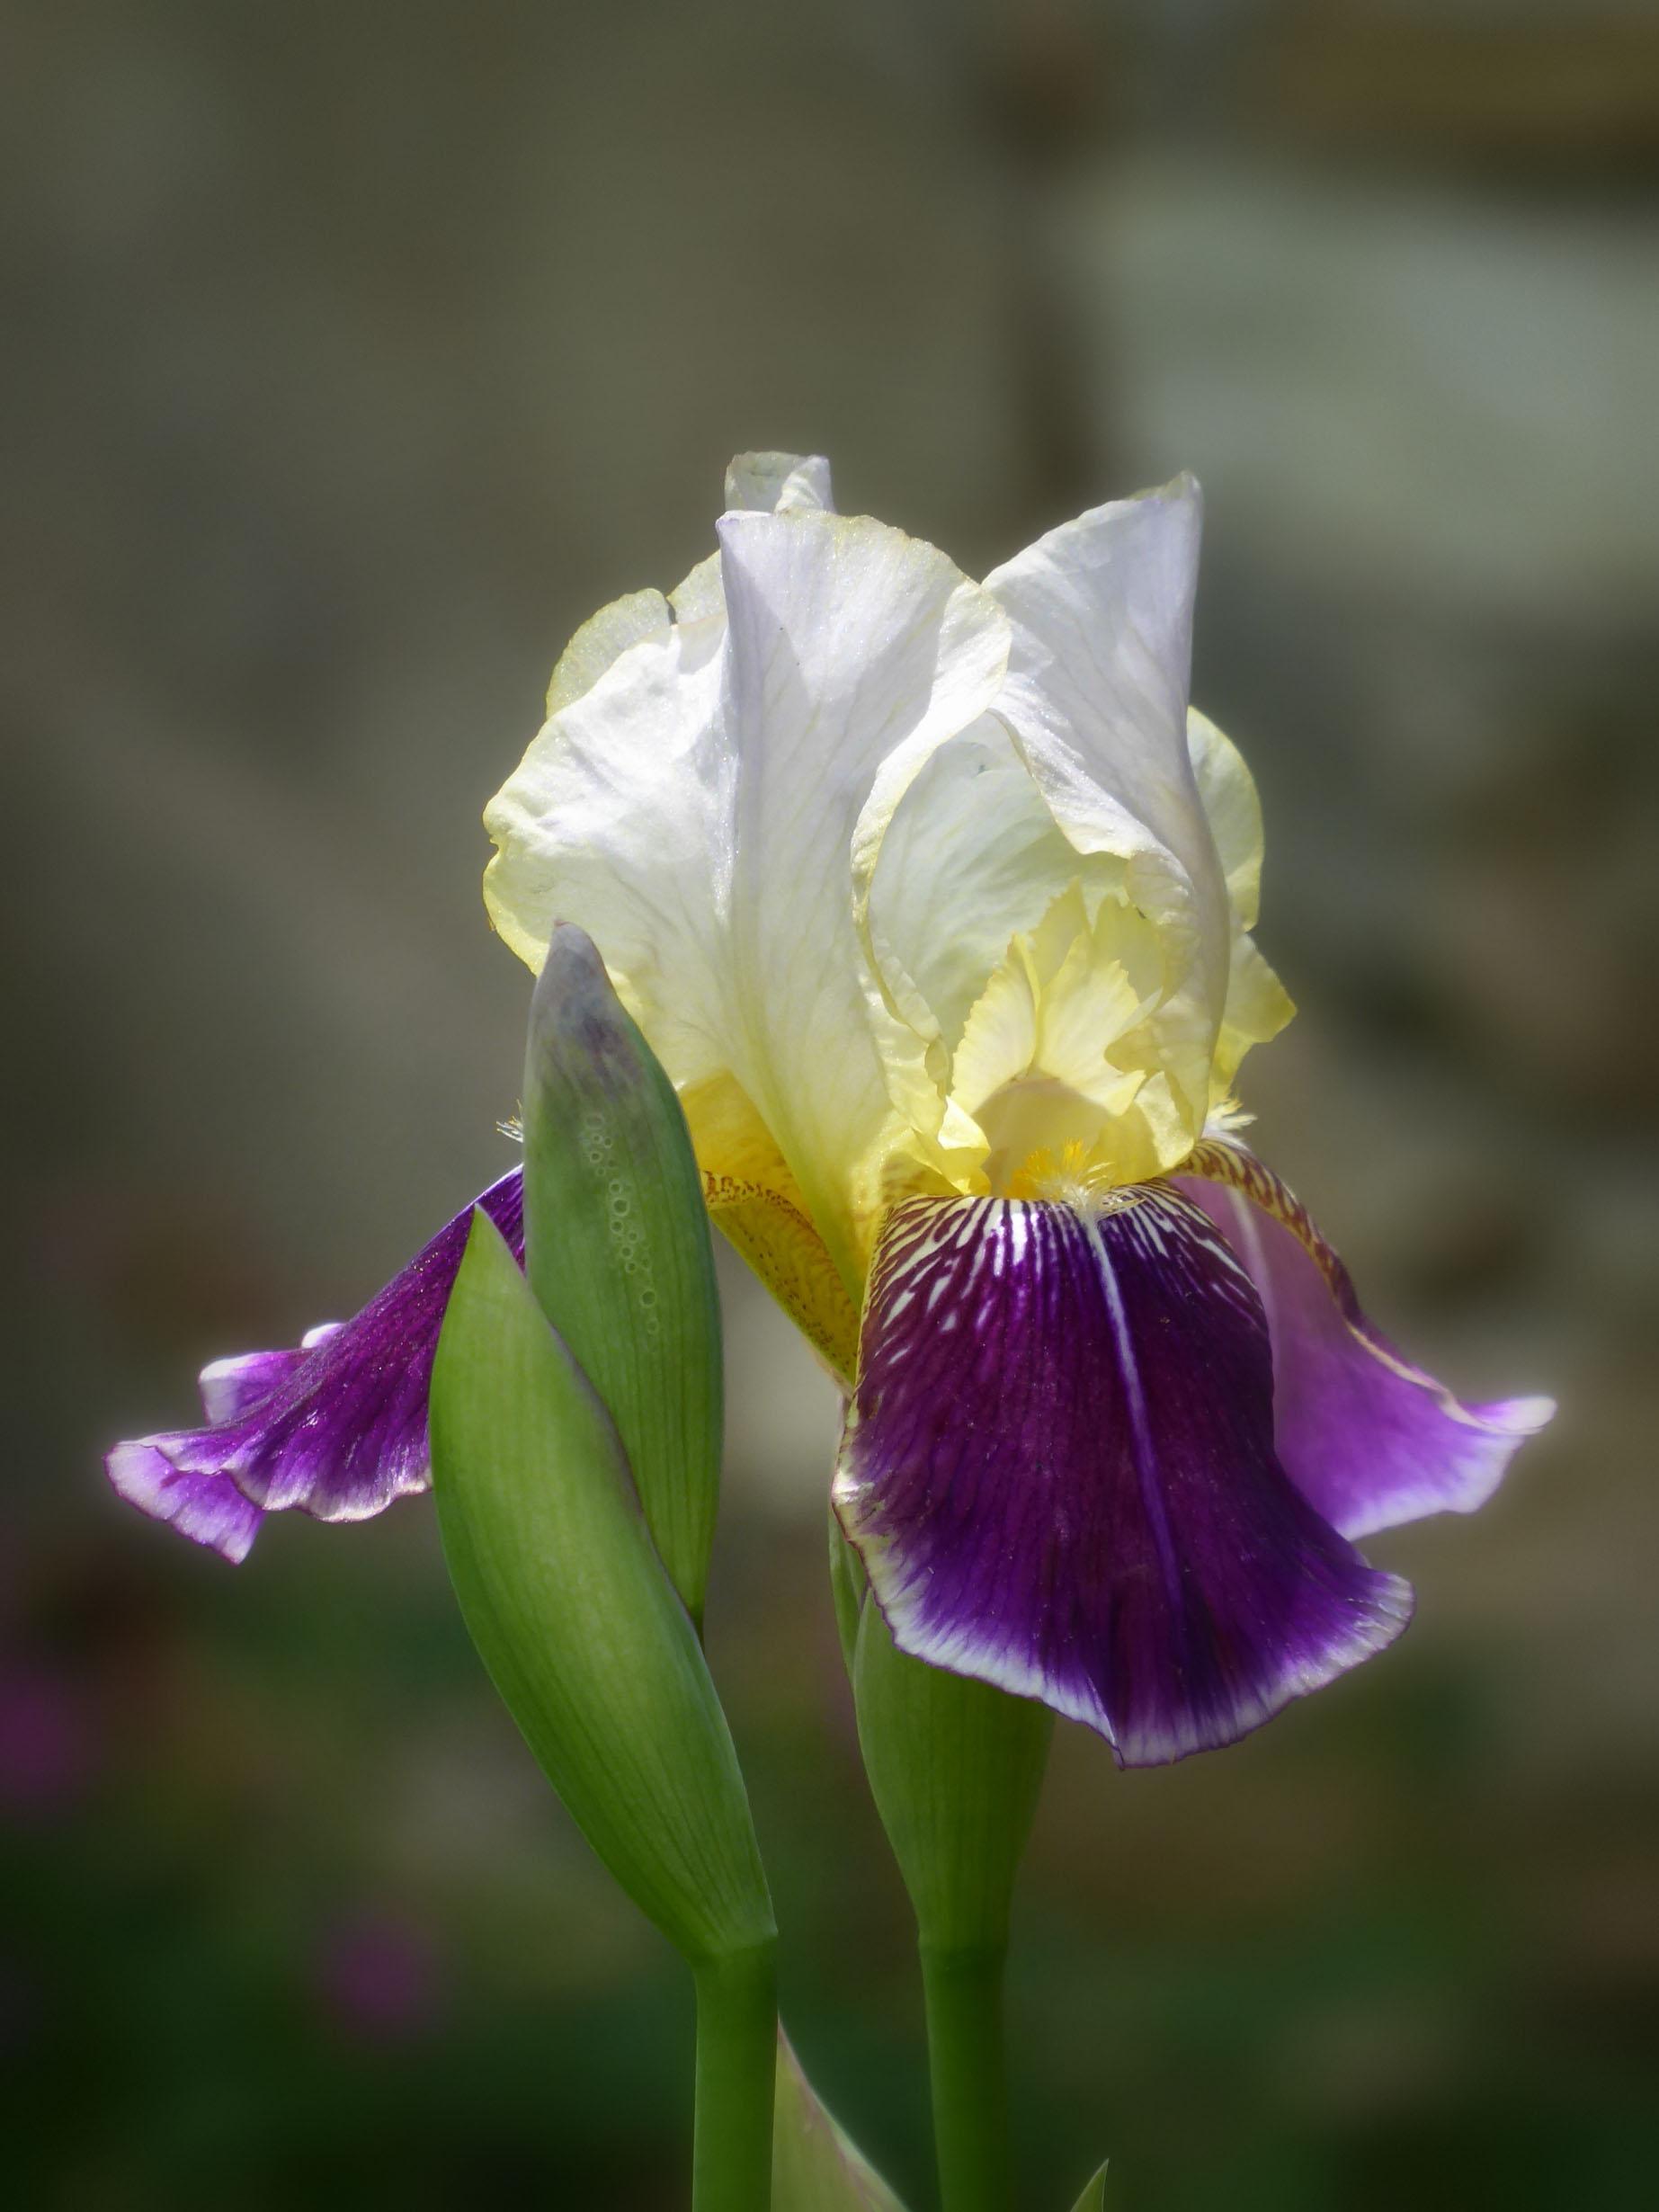 Mauve and cream iris